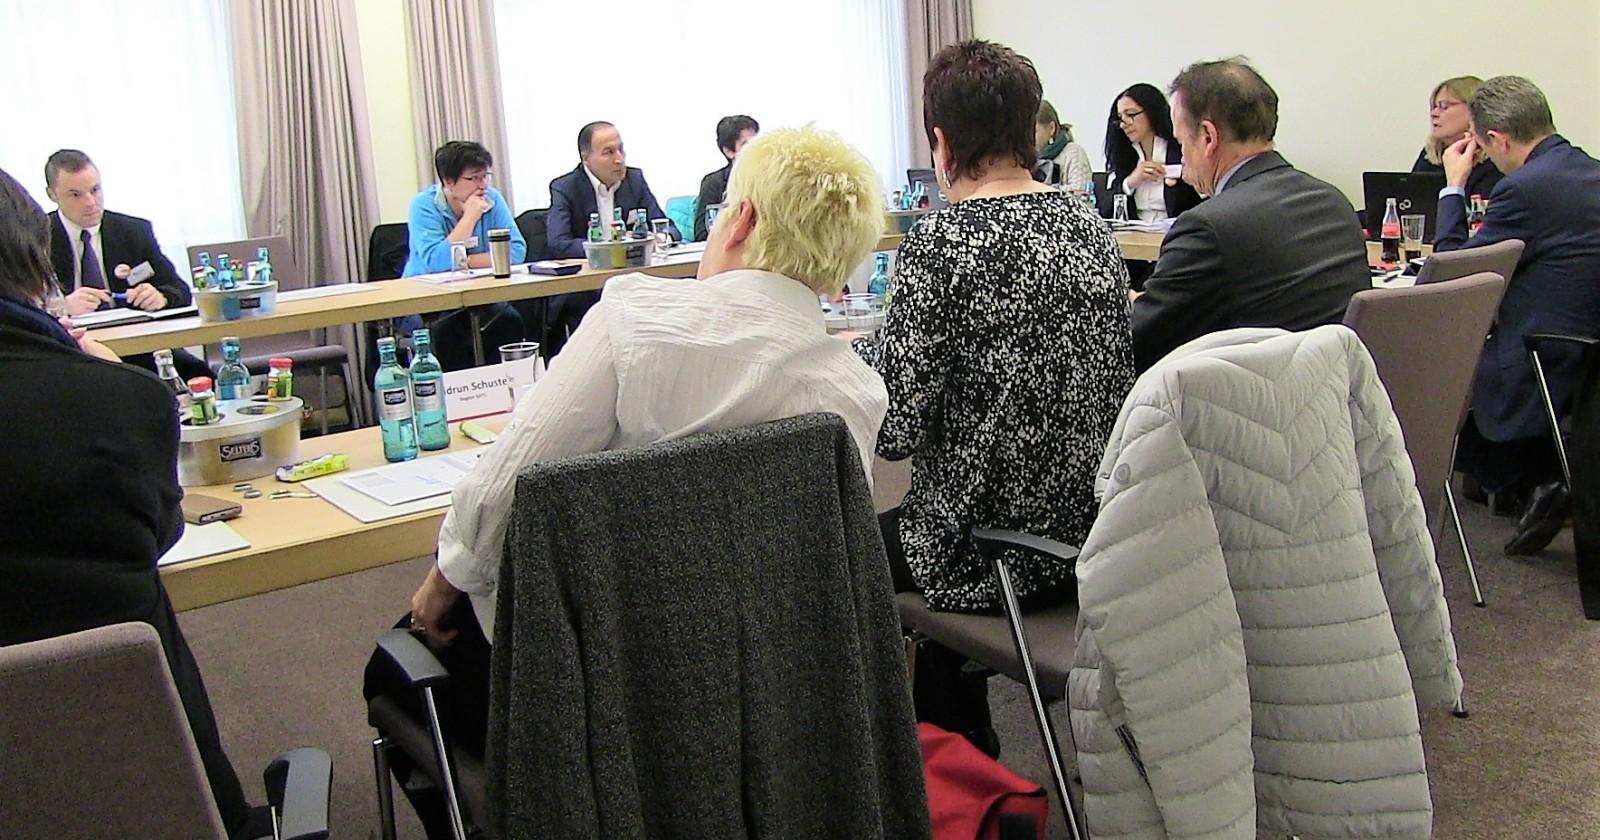 +++ Liveticker Frankfurt +++ Verhandlungen unterbrochen +++ Tarifkommission berät das weitere Vorgehen +++